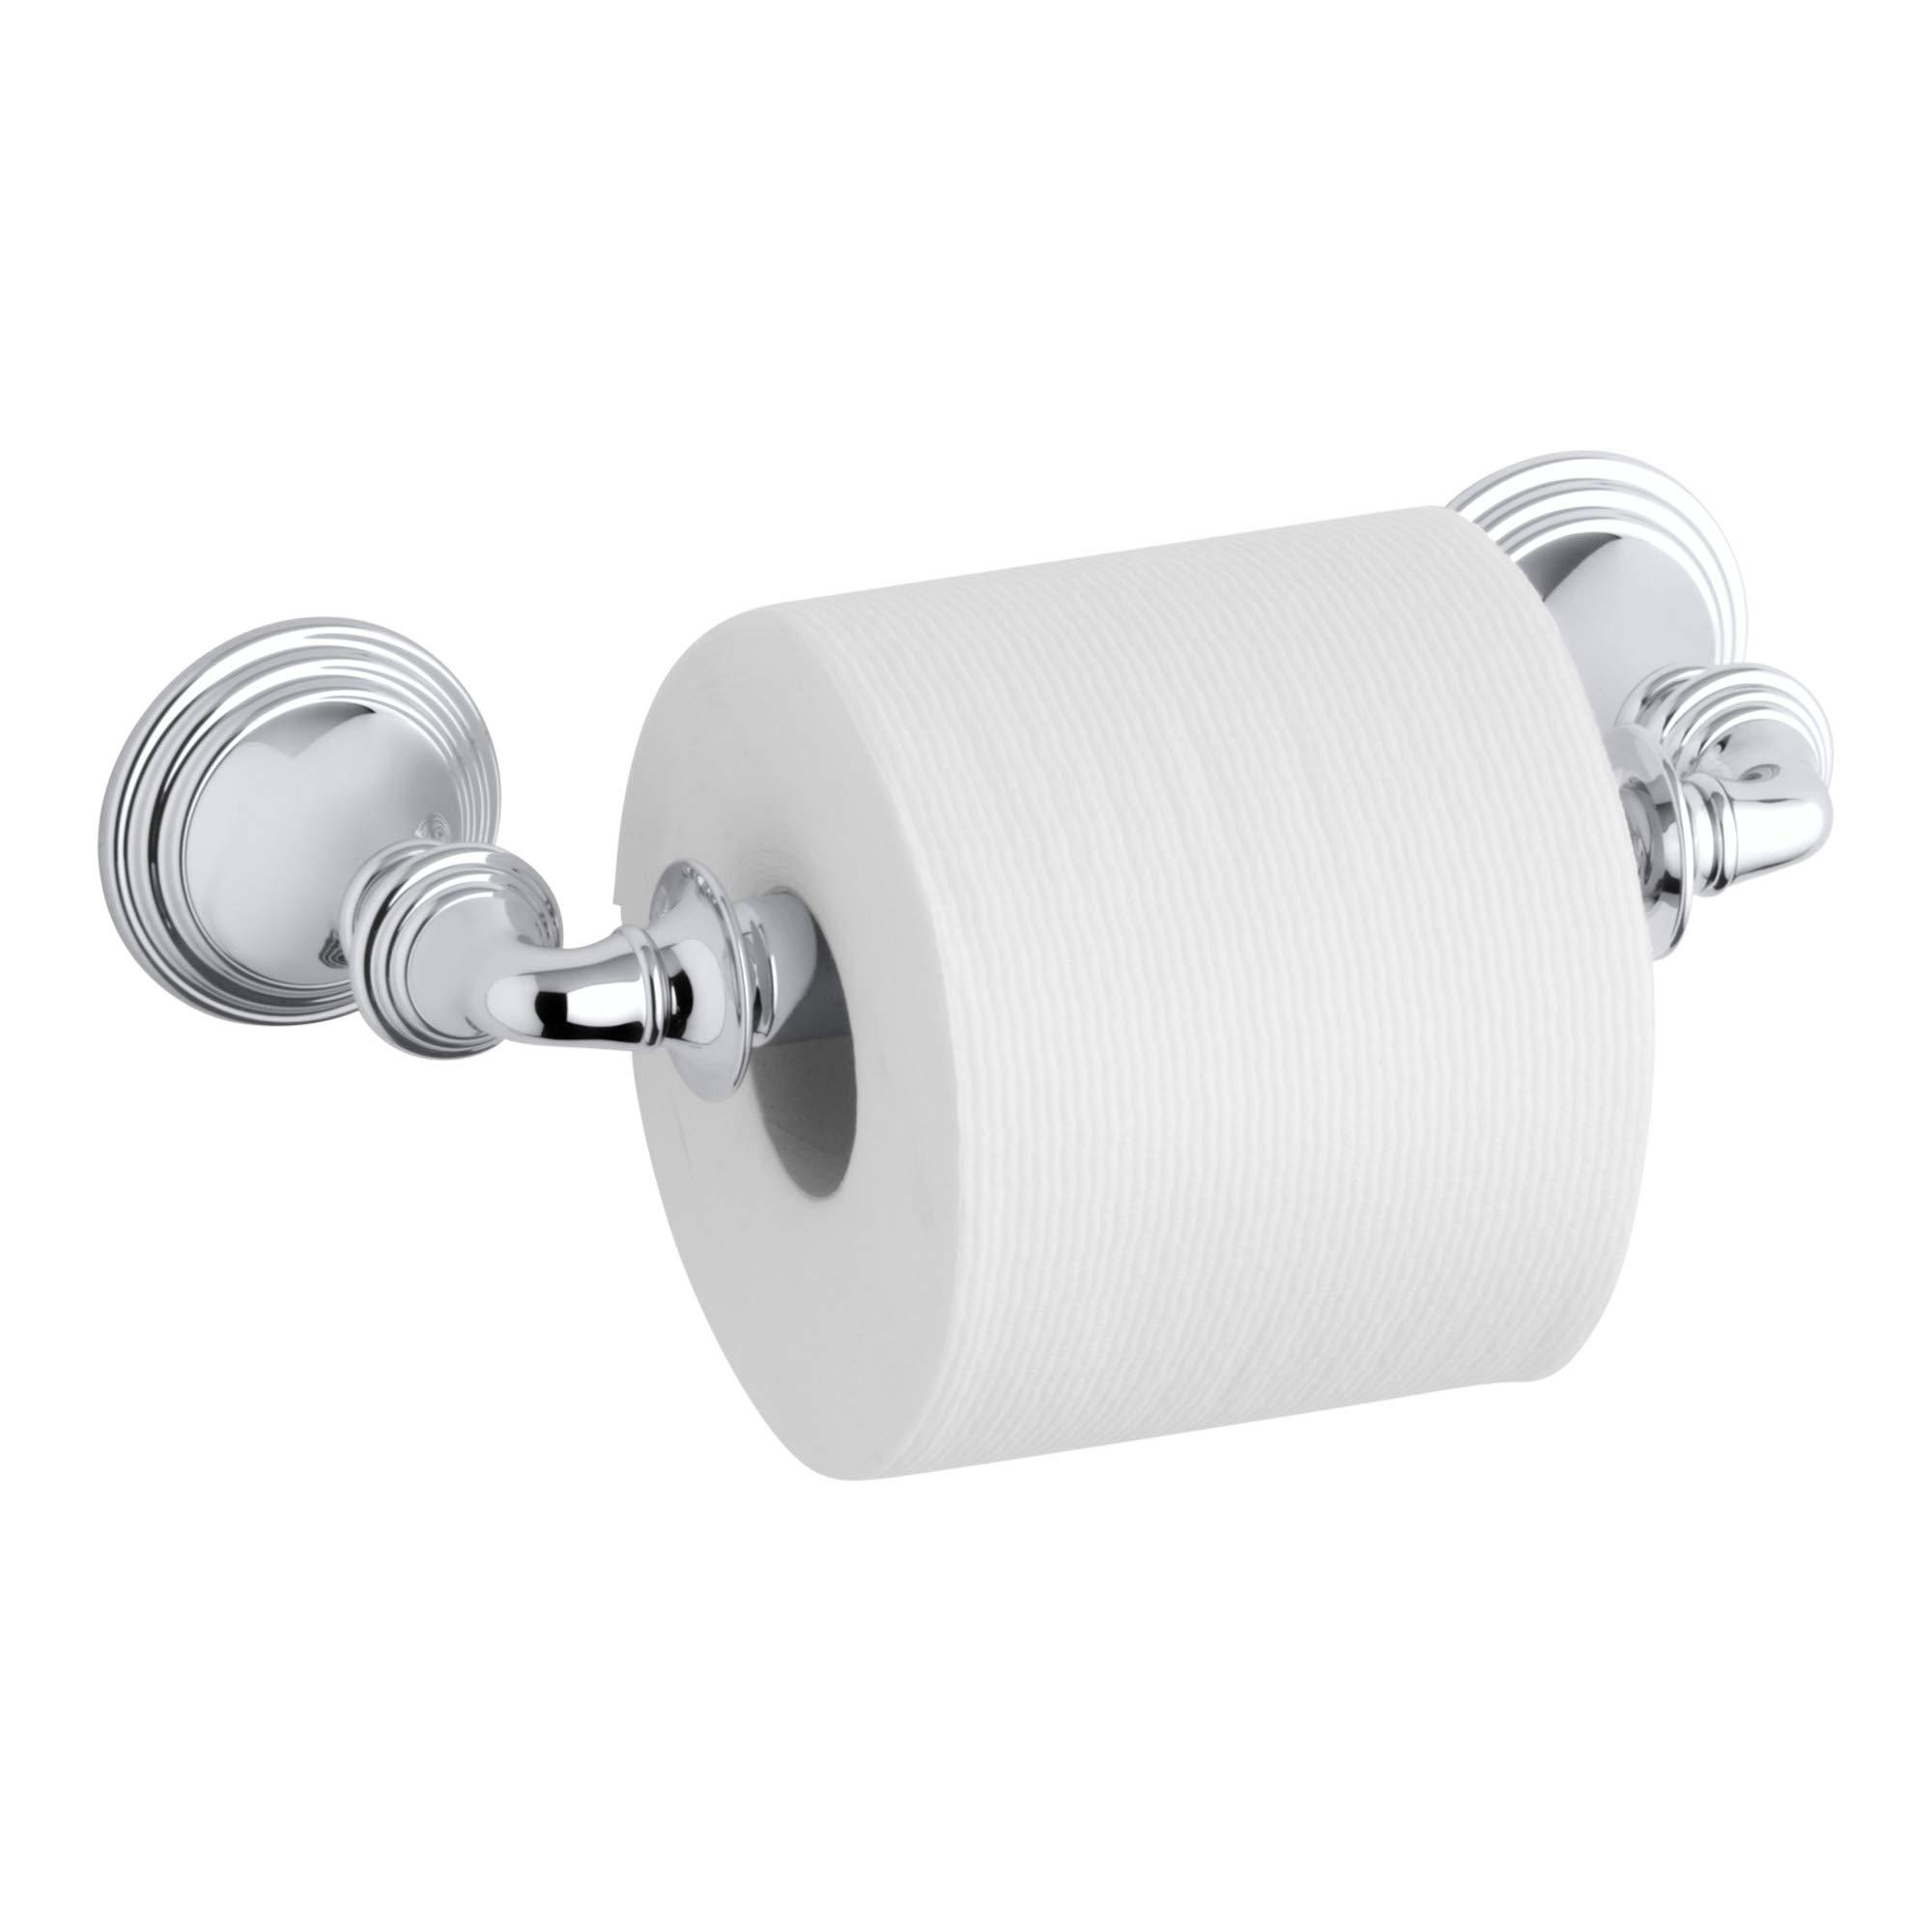 KOHLER Devonshire Toilet Paper Tissue Holder, Polished Chrome,  K-10554-CP by Kohler